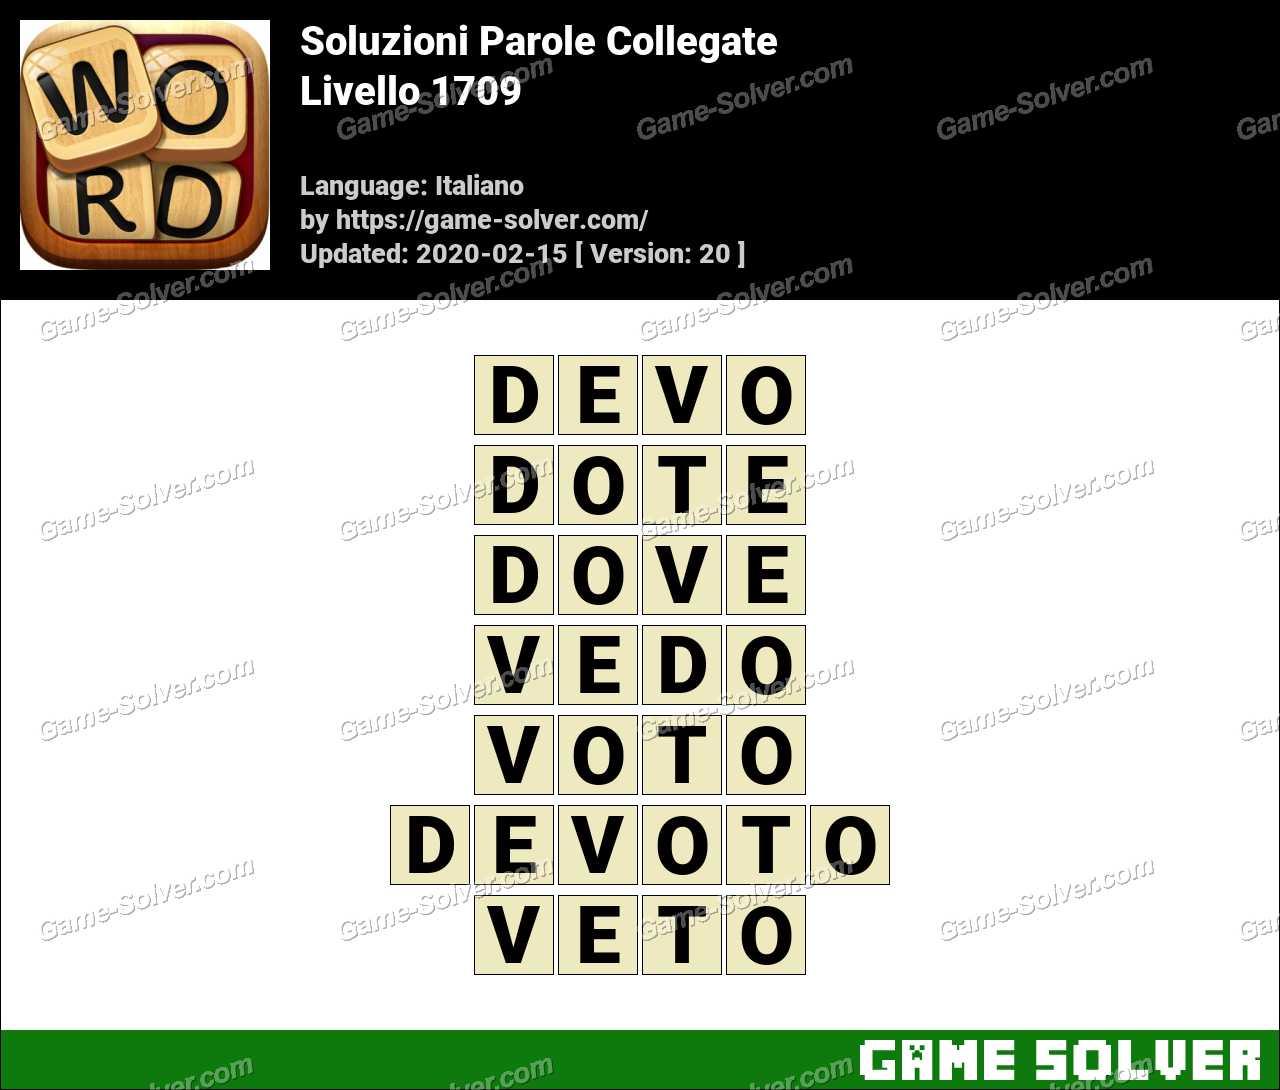 Soluzioni Parole Collegate Livello 1709